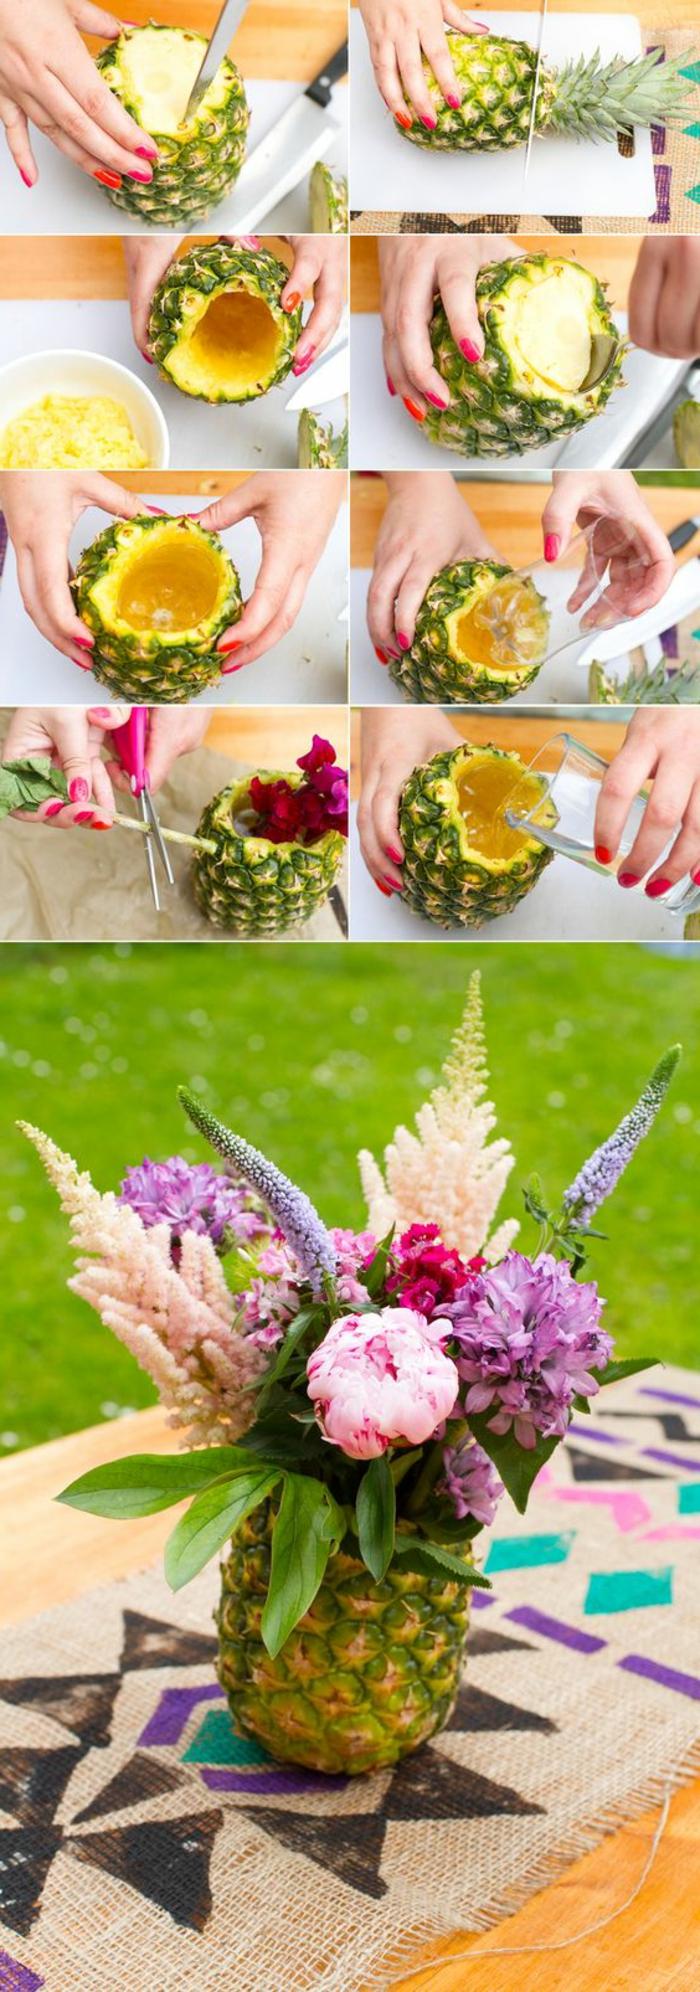 tischdeko geburtstag, frische idee mit ananas und blumen, eine exotische motivparty veranstalten und richtig dazu dekorieren, ananas als vase für die blumen